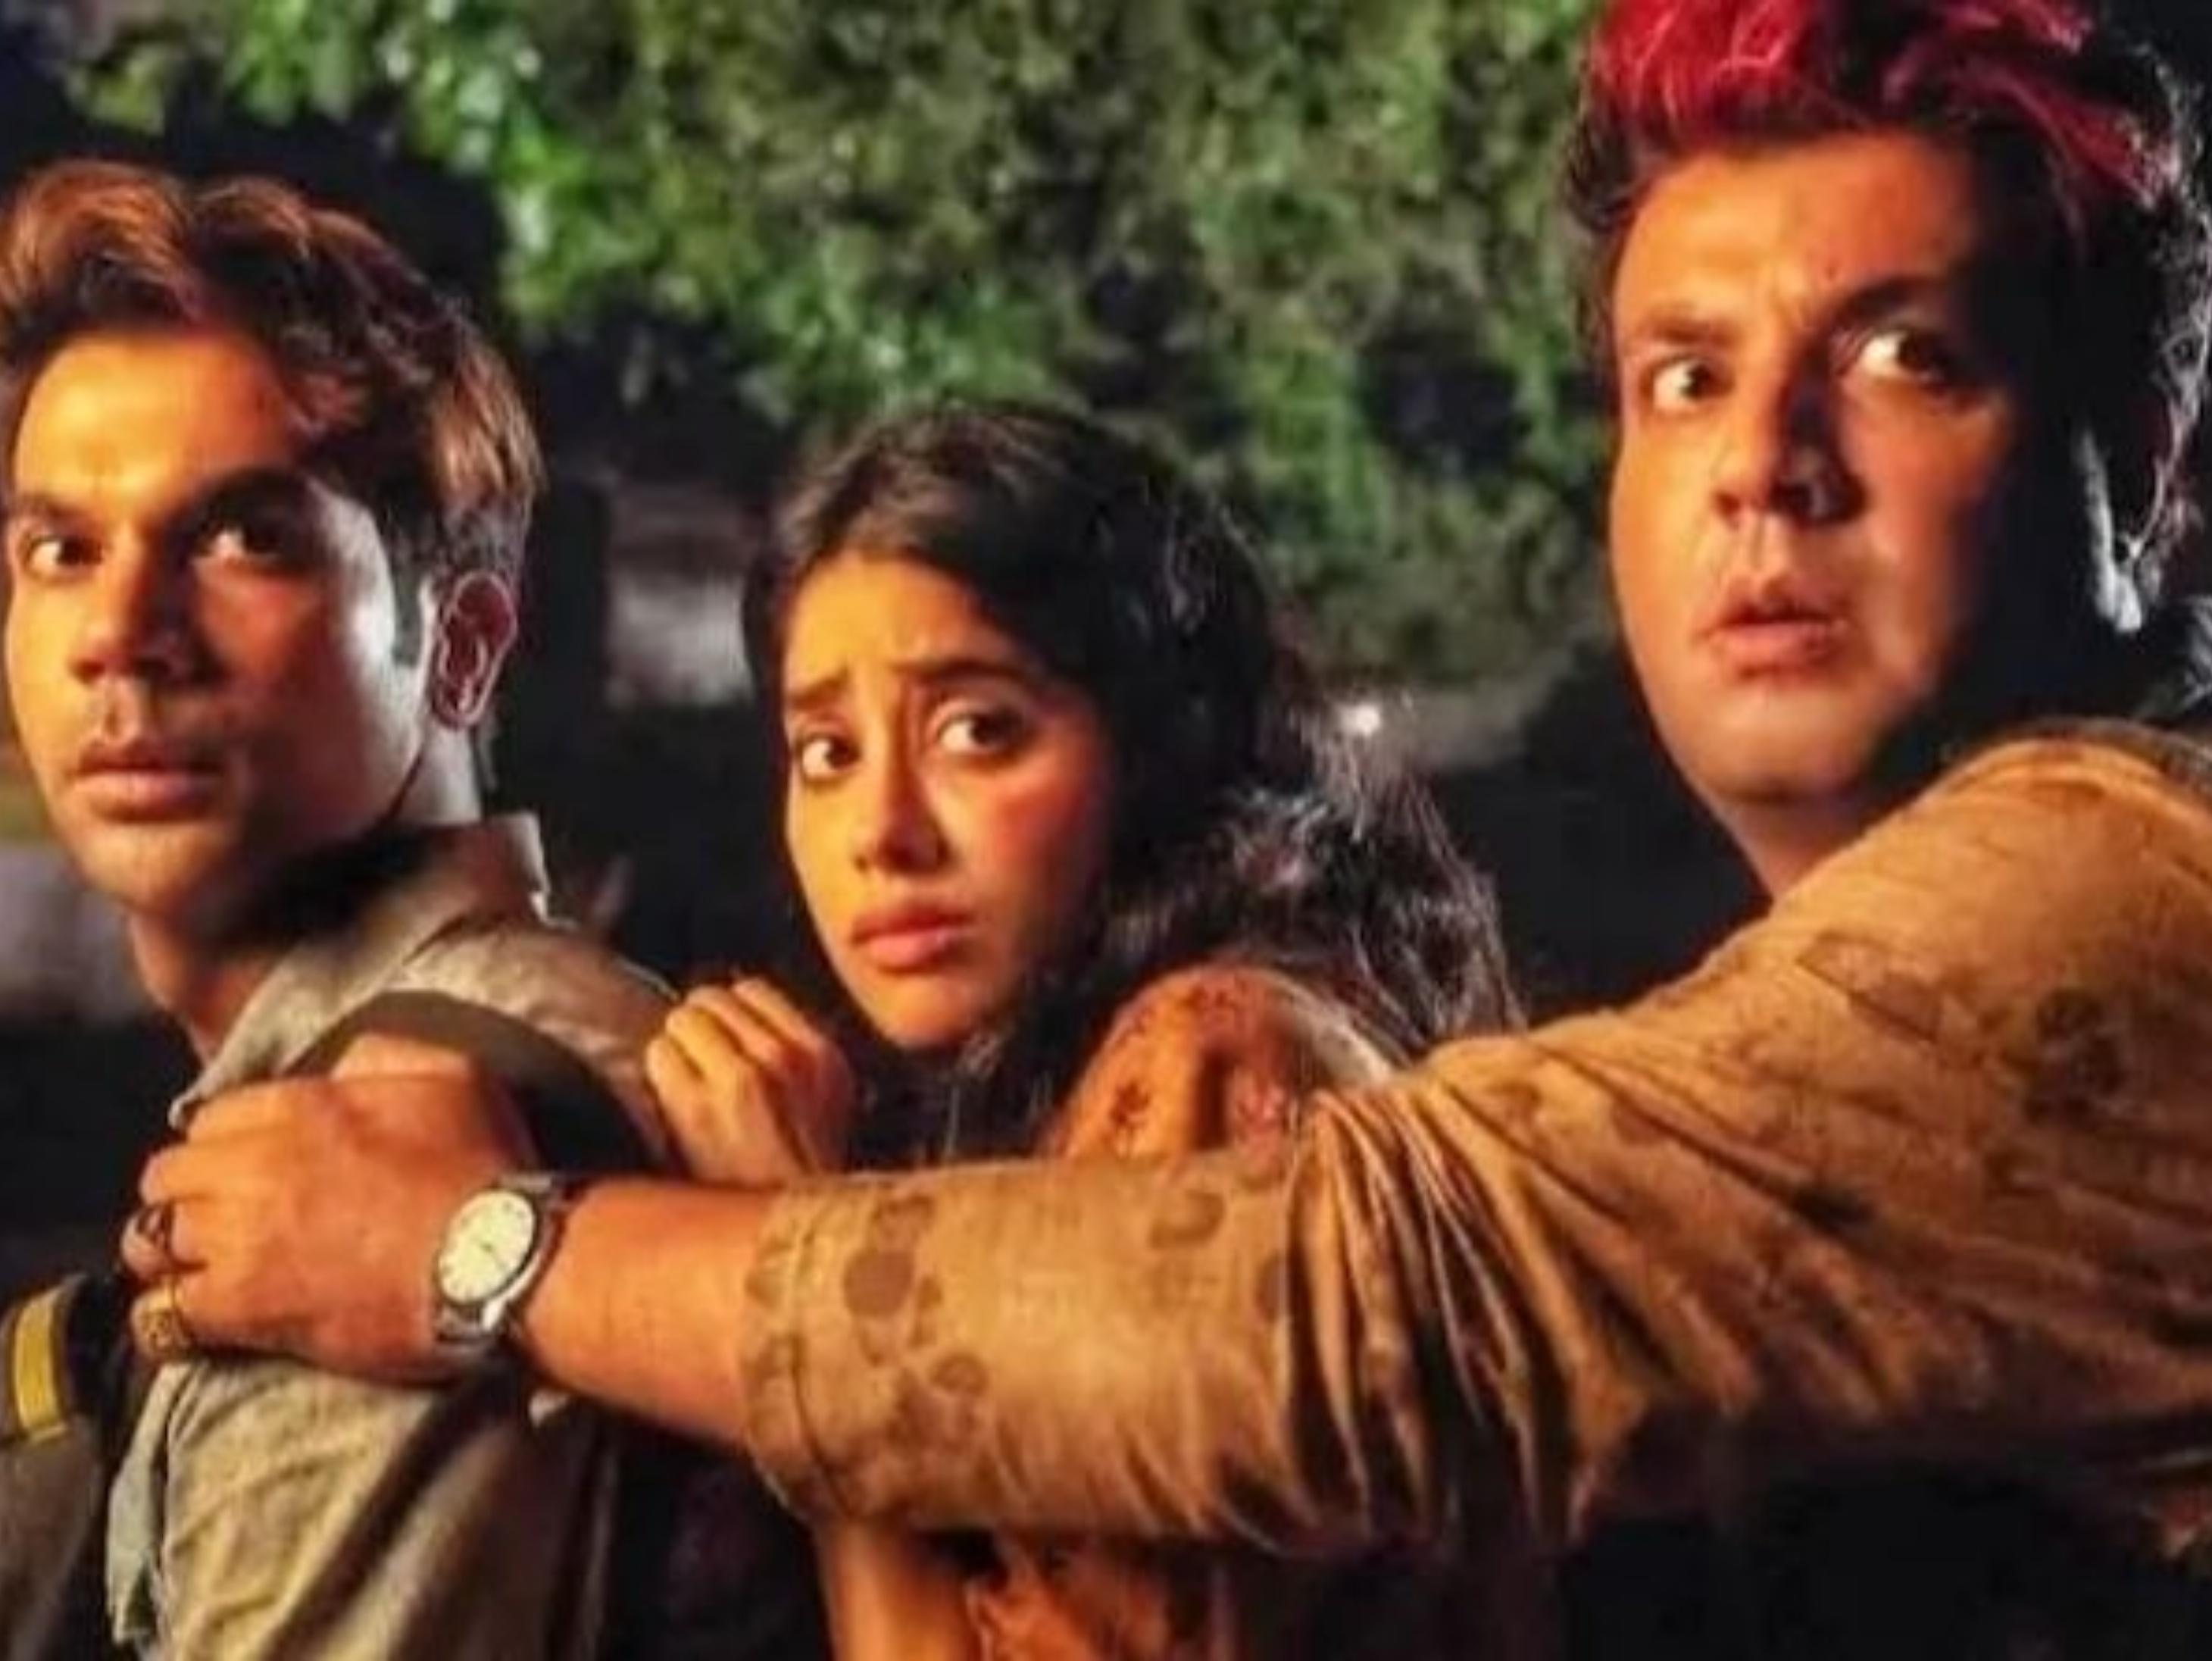 राजकुमार राव और जाह्नवी की फिल्म रूही ने संडे को किया अच्छा बिजनेस, 12.58 करोड़ पहुंचा कलेक्शन|बॉलीवुड,Bollywood - Dainik Bhaskar